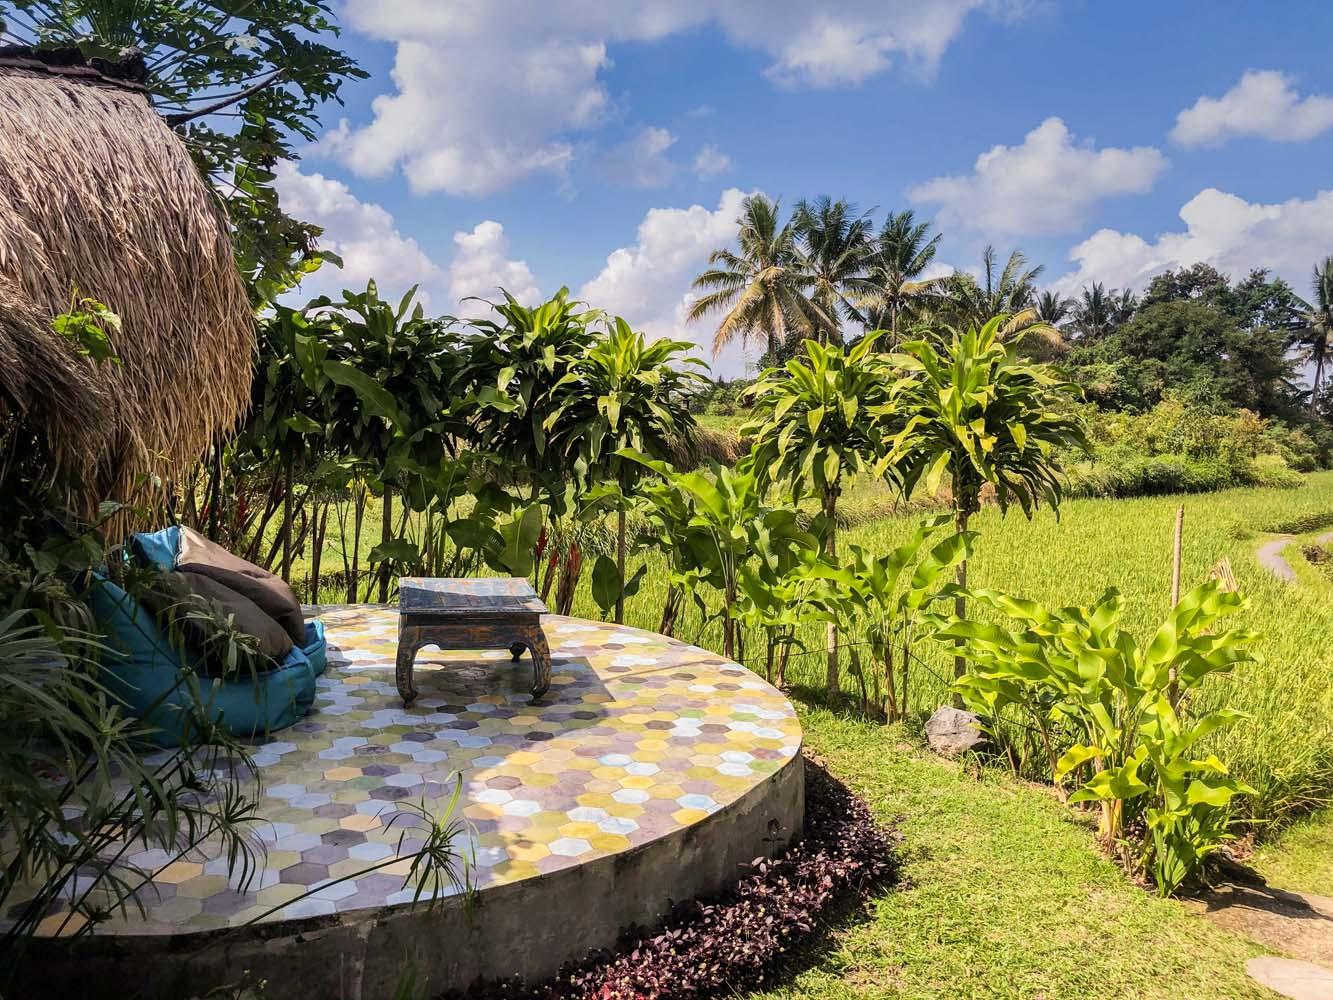 Terrace in Bali